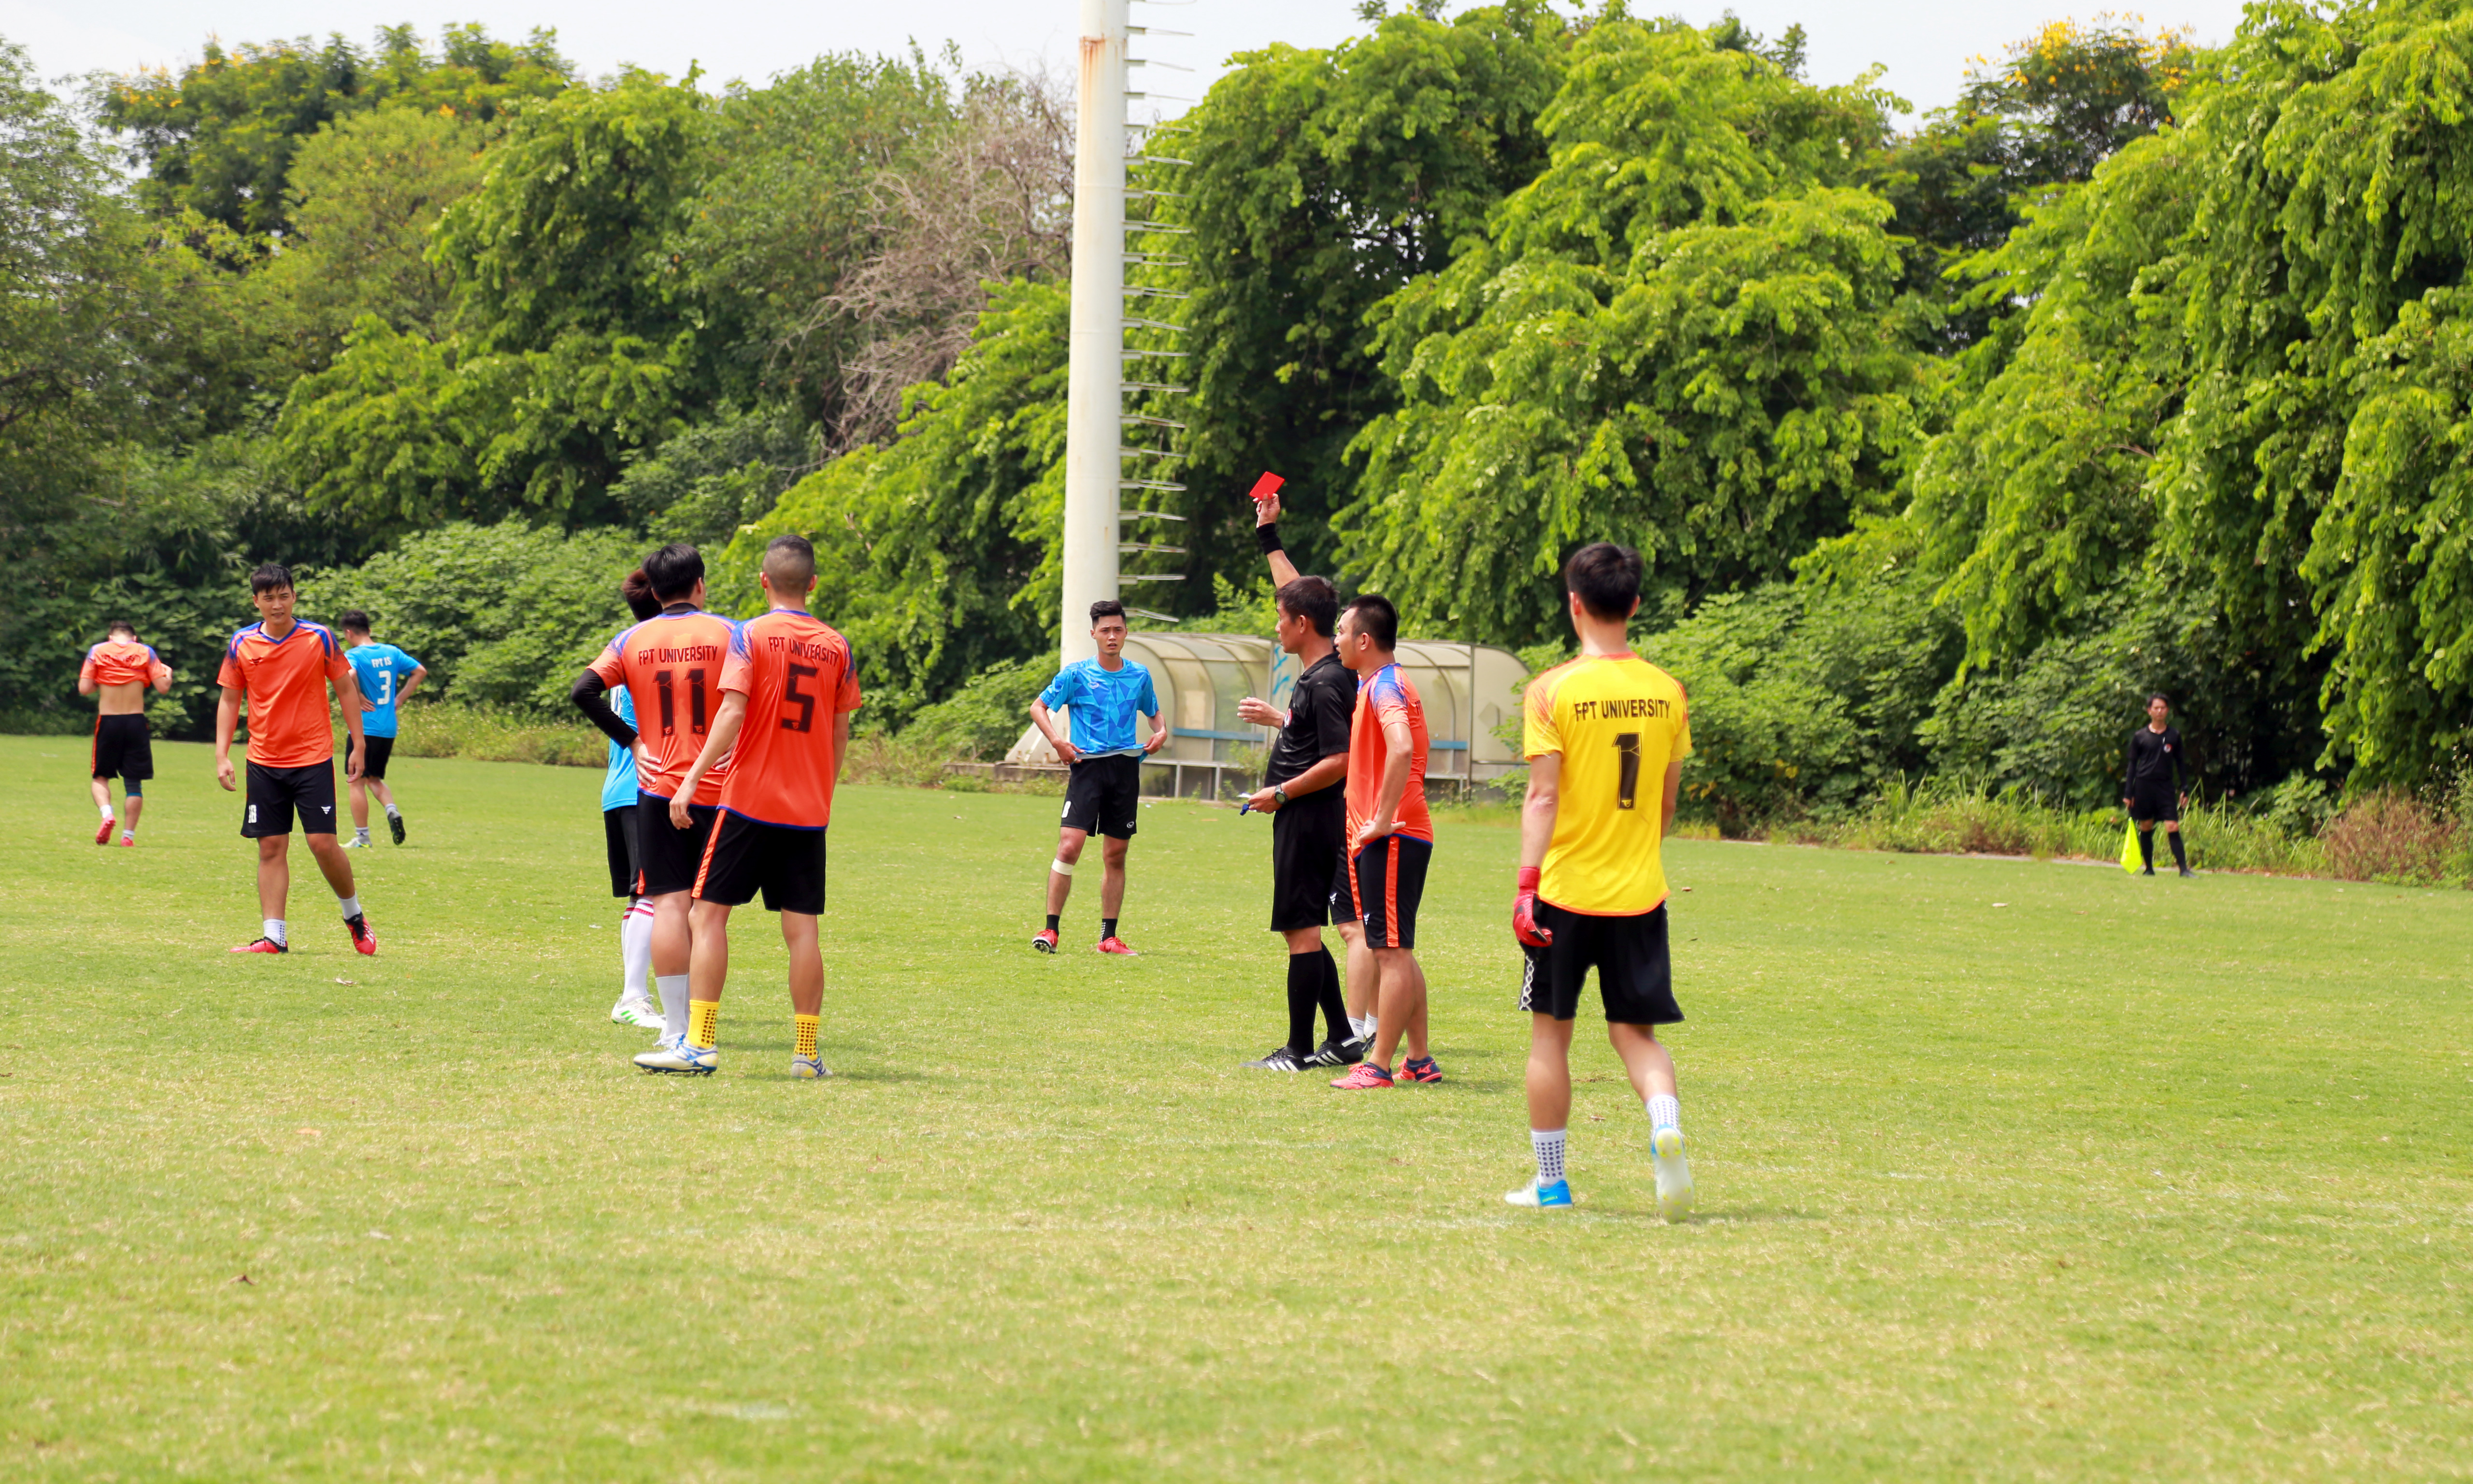 Trận đấu diễn ra nhiều pha tranh chấp nảy lửa, với 6 thẻ vàng được trọng tài rút ra. Trong đó, đến giữa hiệp 2, cầu thủ số 9 Nguyễn Nam Anh (FPT IS) và cầu thủ số 20 của FPT Education đều bị 2 thẻ vàng và nhận thẻ đỏ gián tiếp. Mỗi đội chỉ còn 10 cầu thủ trên sân.